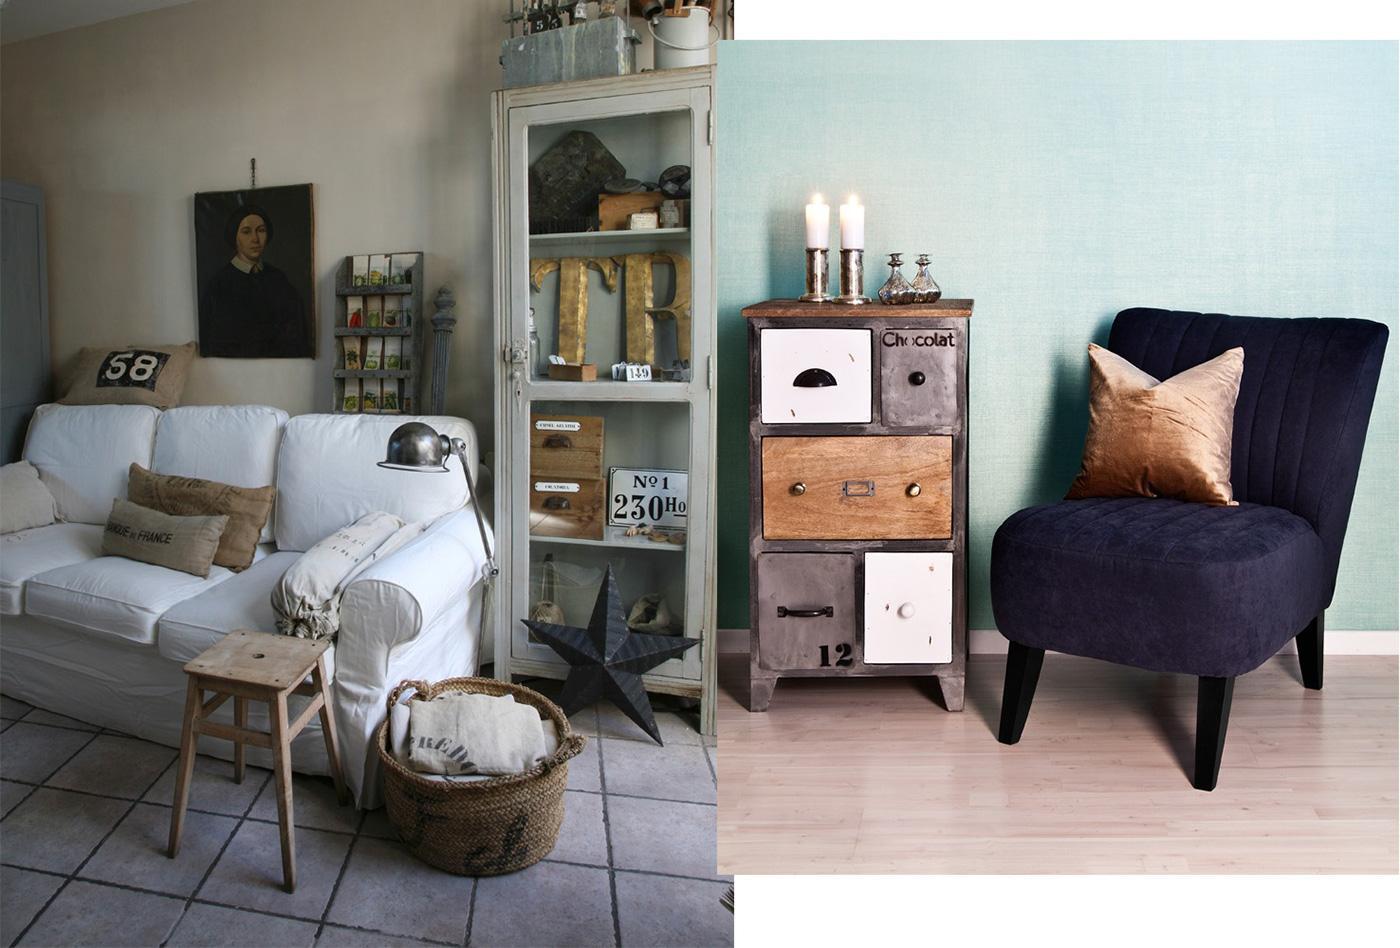 Gennaio, Casa, Colori, Ispirazioni, Living, Idee, Inverno